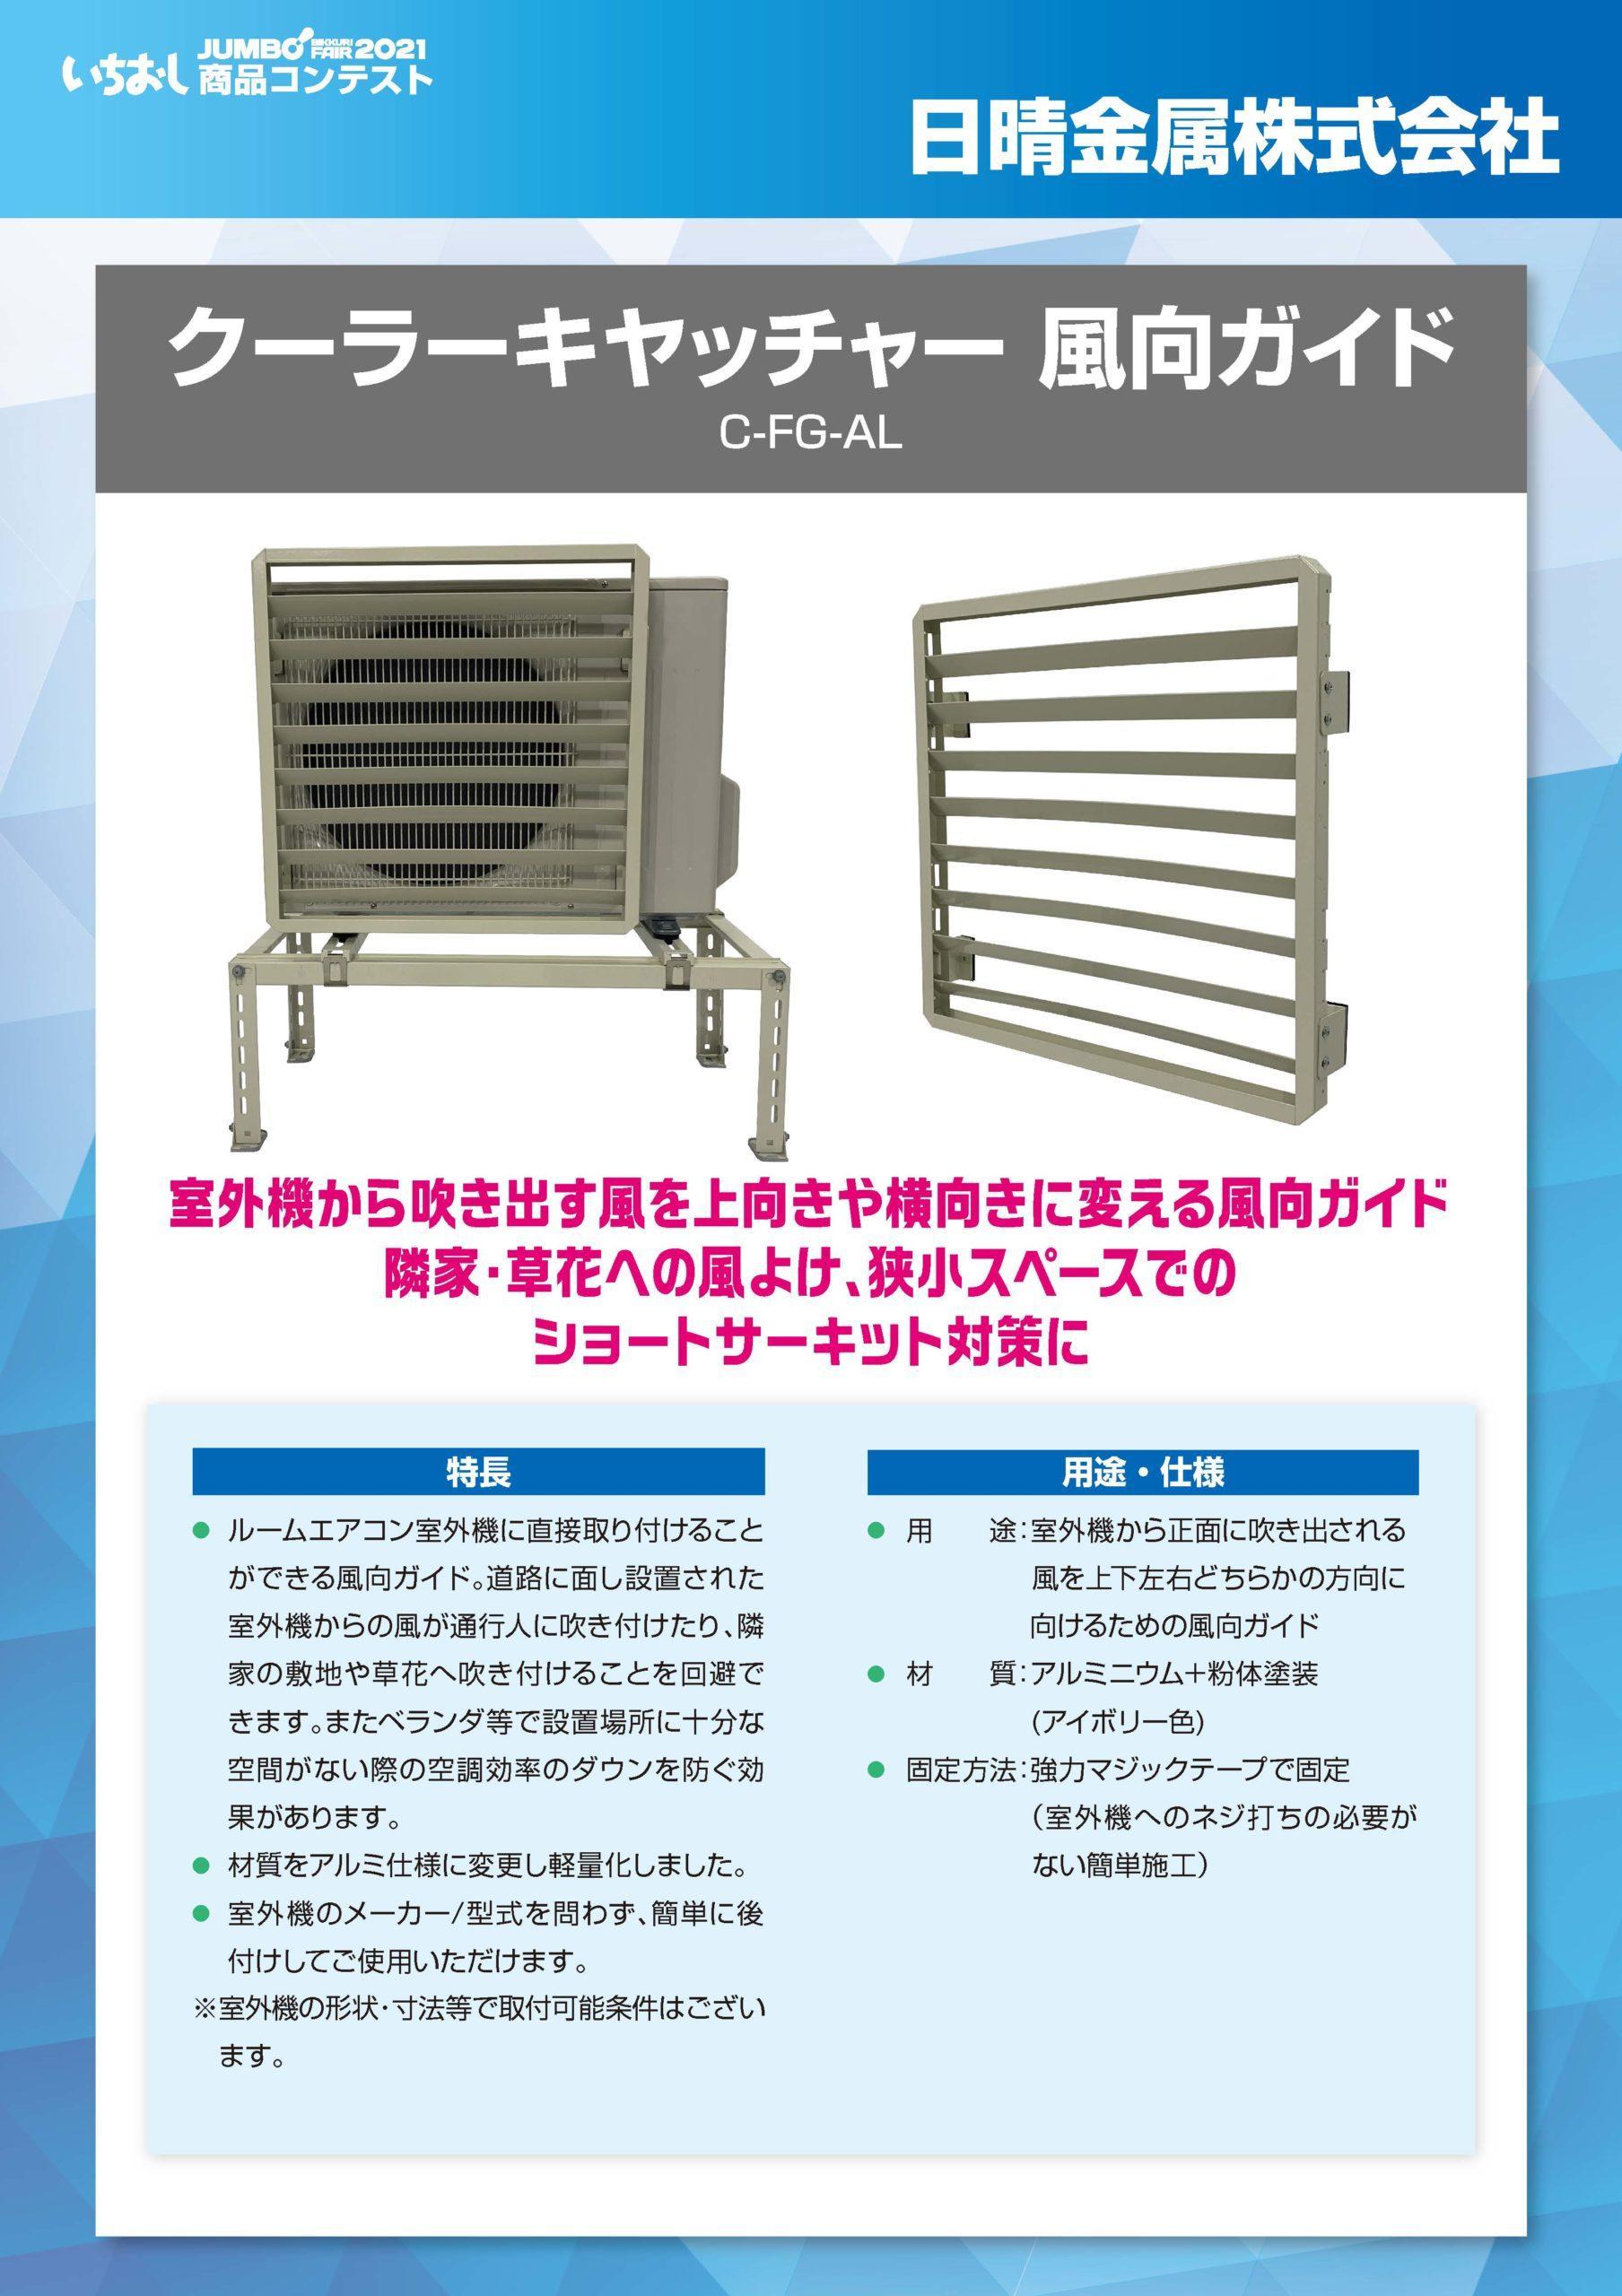 「クーラーキヤッチャー 風向ガイド」日晴金属株式会社の画像